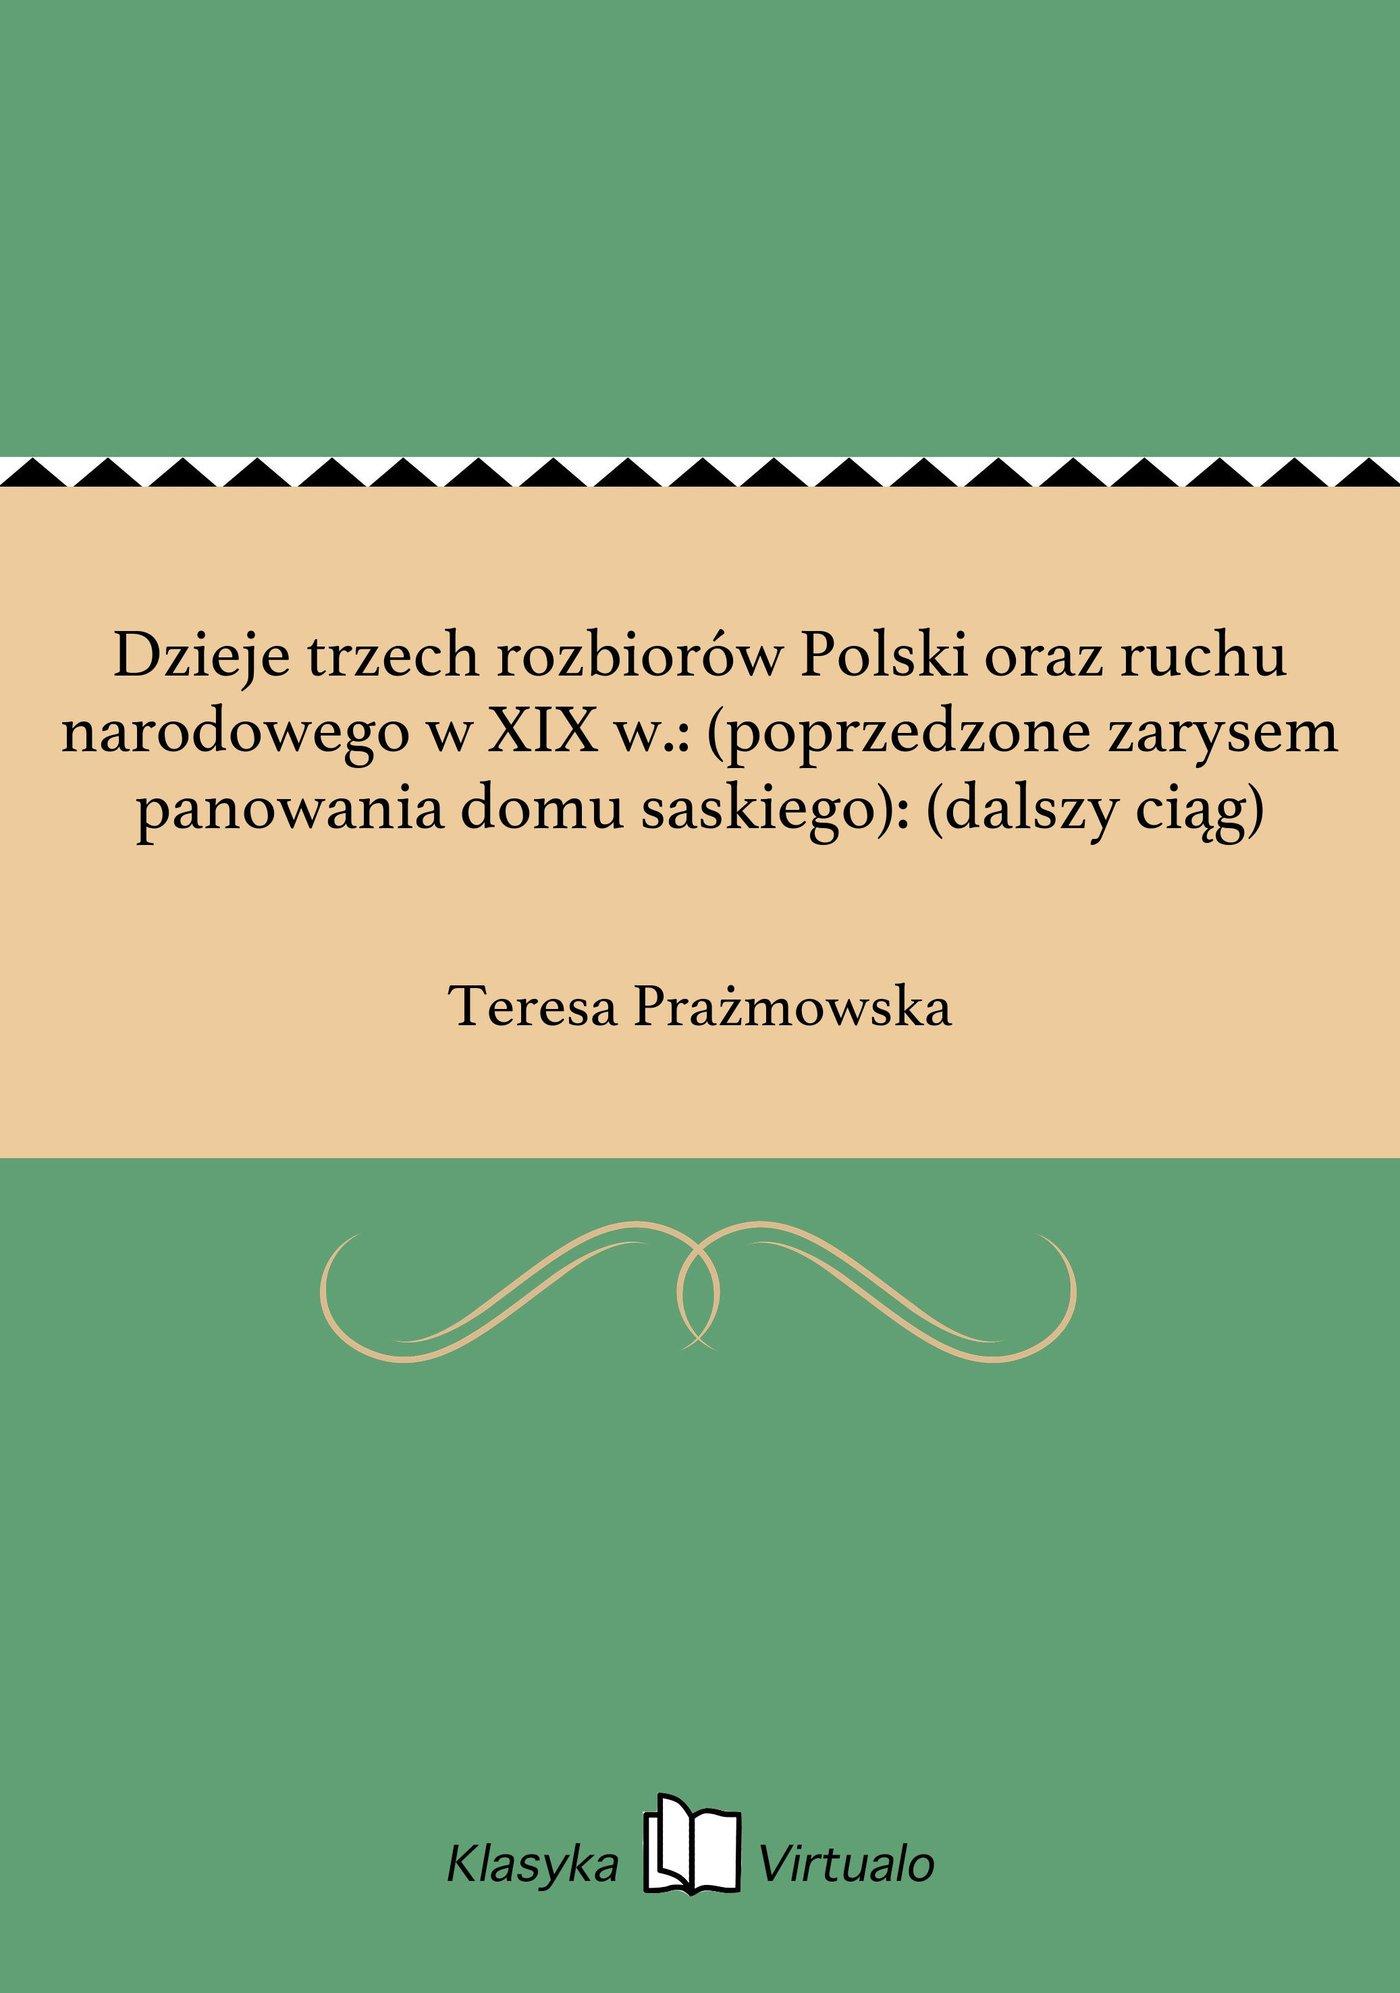 Dzieje trzech rozbiorów Polski oraz ruchu narodowego w XIX w. : (poprzedzone zarysem panowania domu saskiego) : (dalszy ciąg) - Ebook (Książka EPUB) do pobrania w formacie EPUB